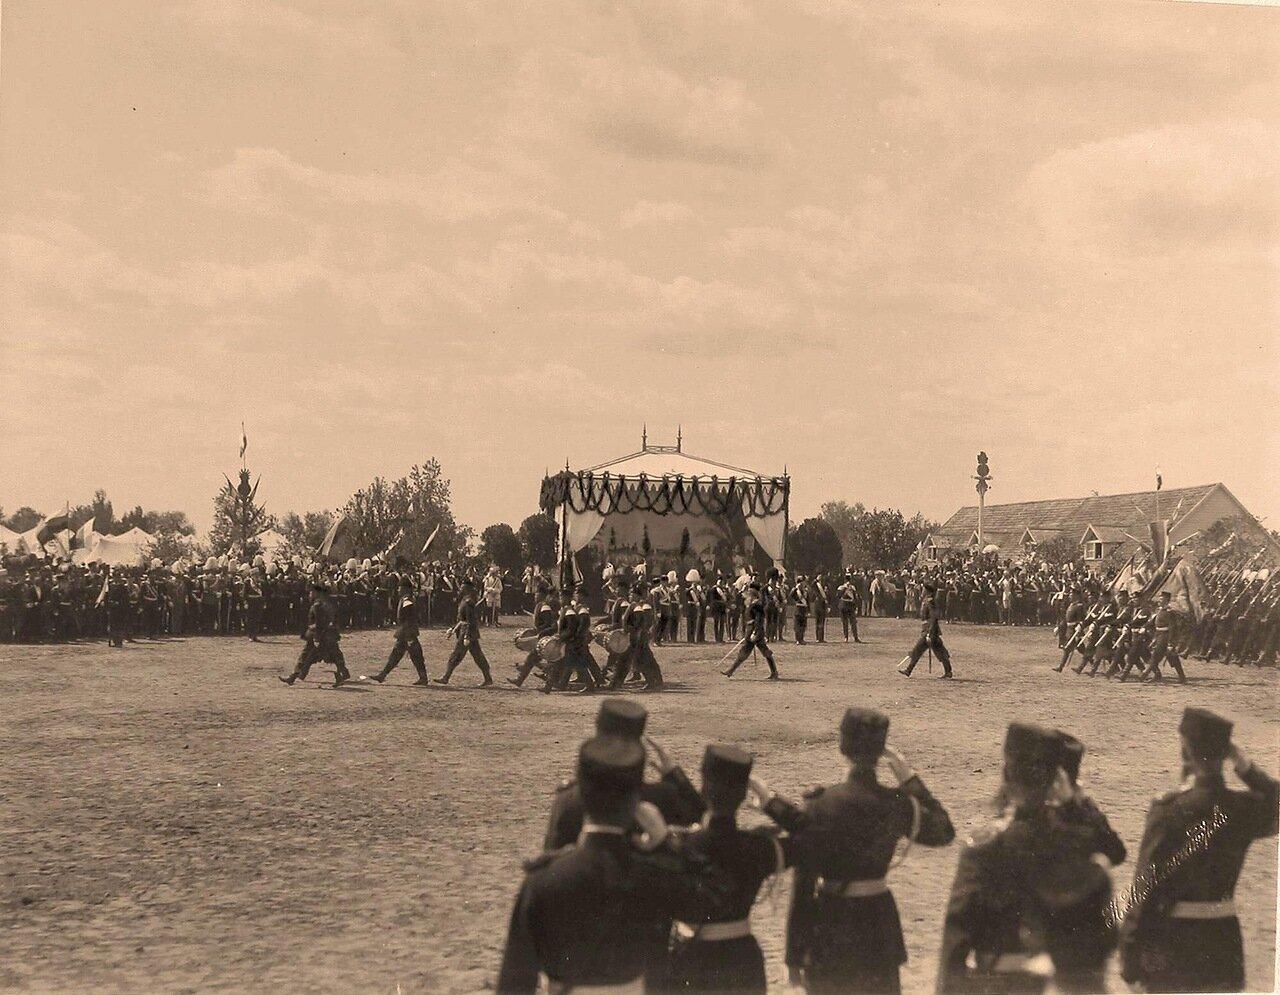 Прохождение гвардейских частей церемониальным маршем во время парада на Ходынском поле в дни празднования коронационных торжеств